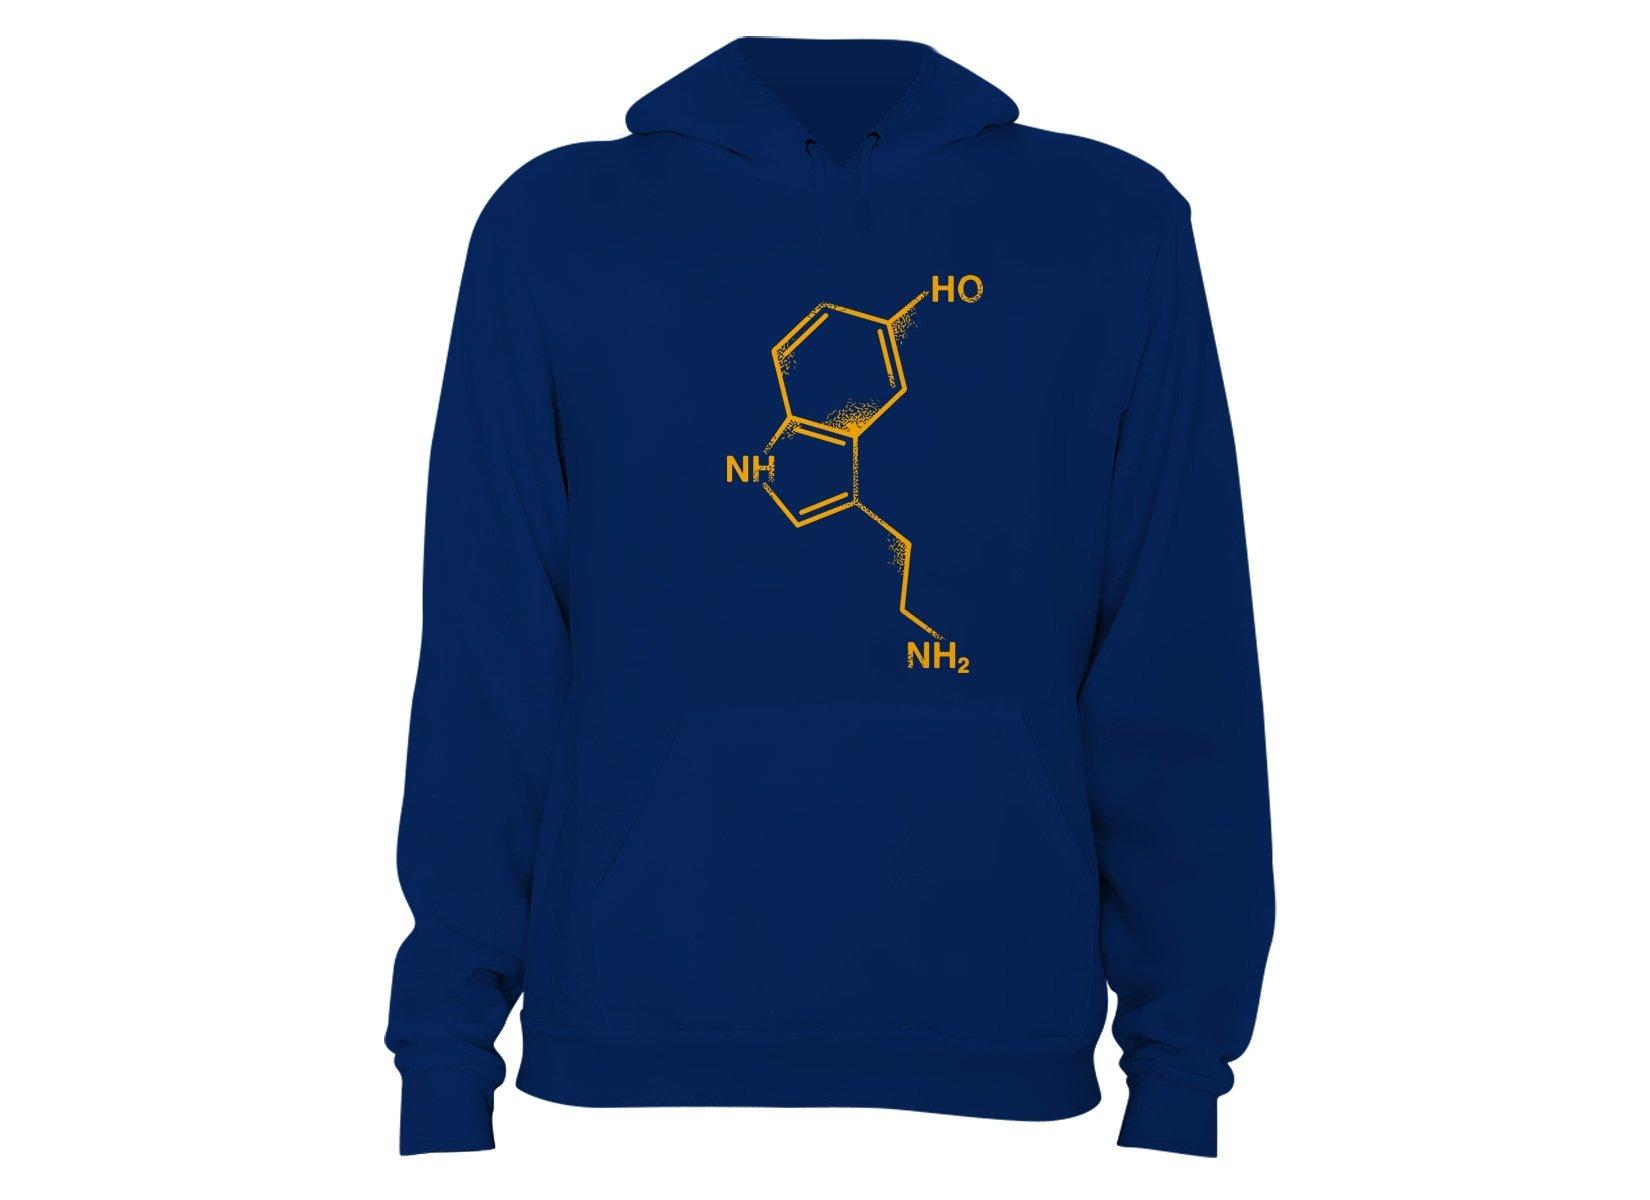 Serotonin on Hoodie